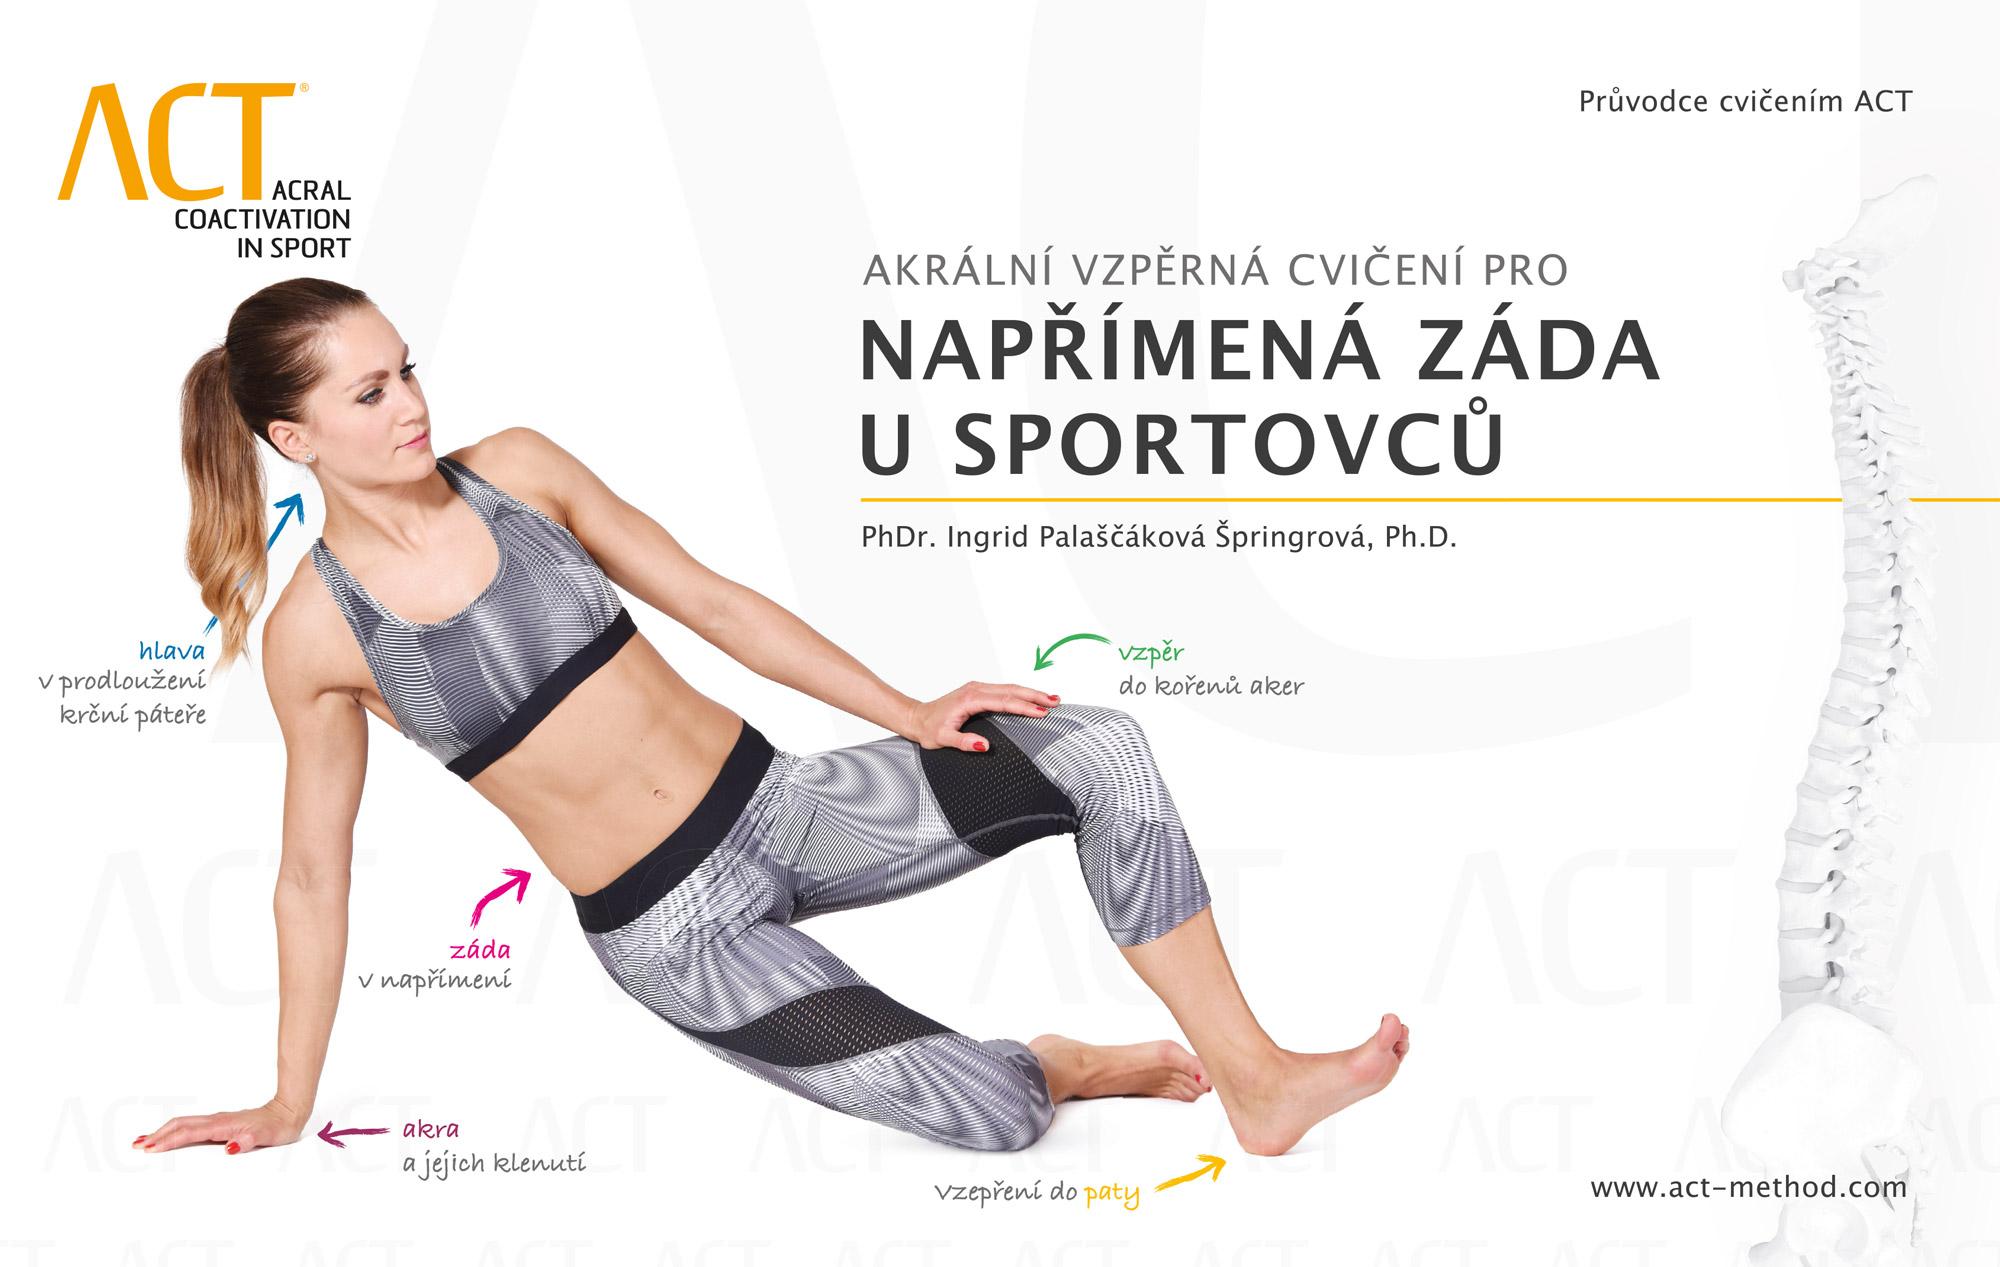 Naprimena-Zada-Sport-Obalka-1.jpg